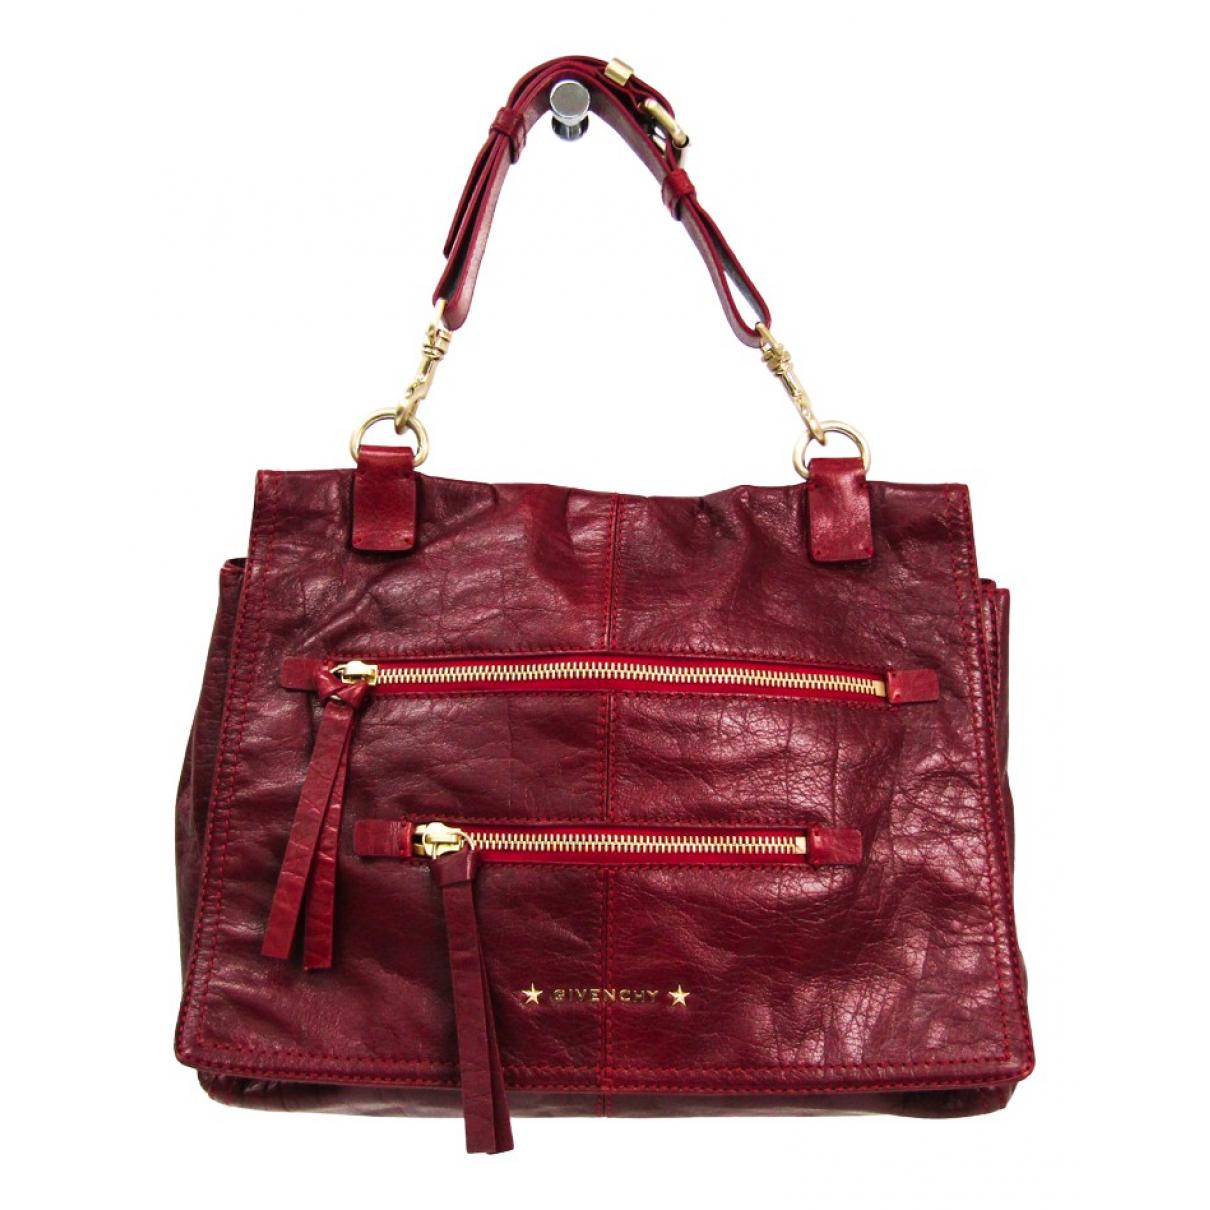 Givenchy - Sac a main   pour femme en cuir - rouge